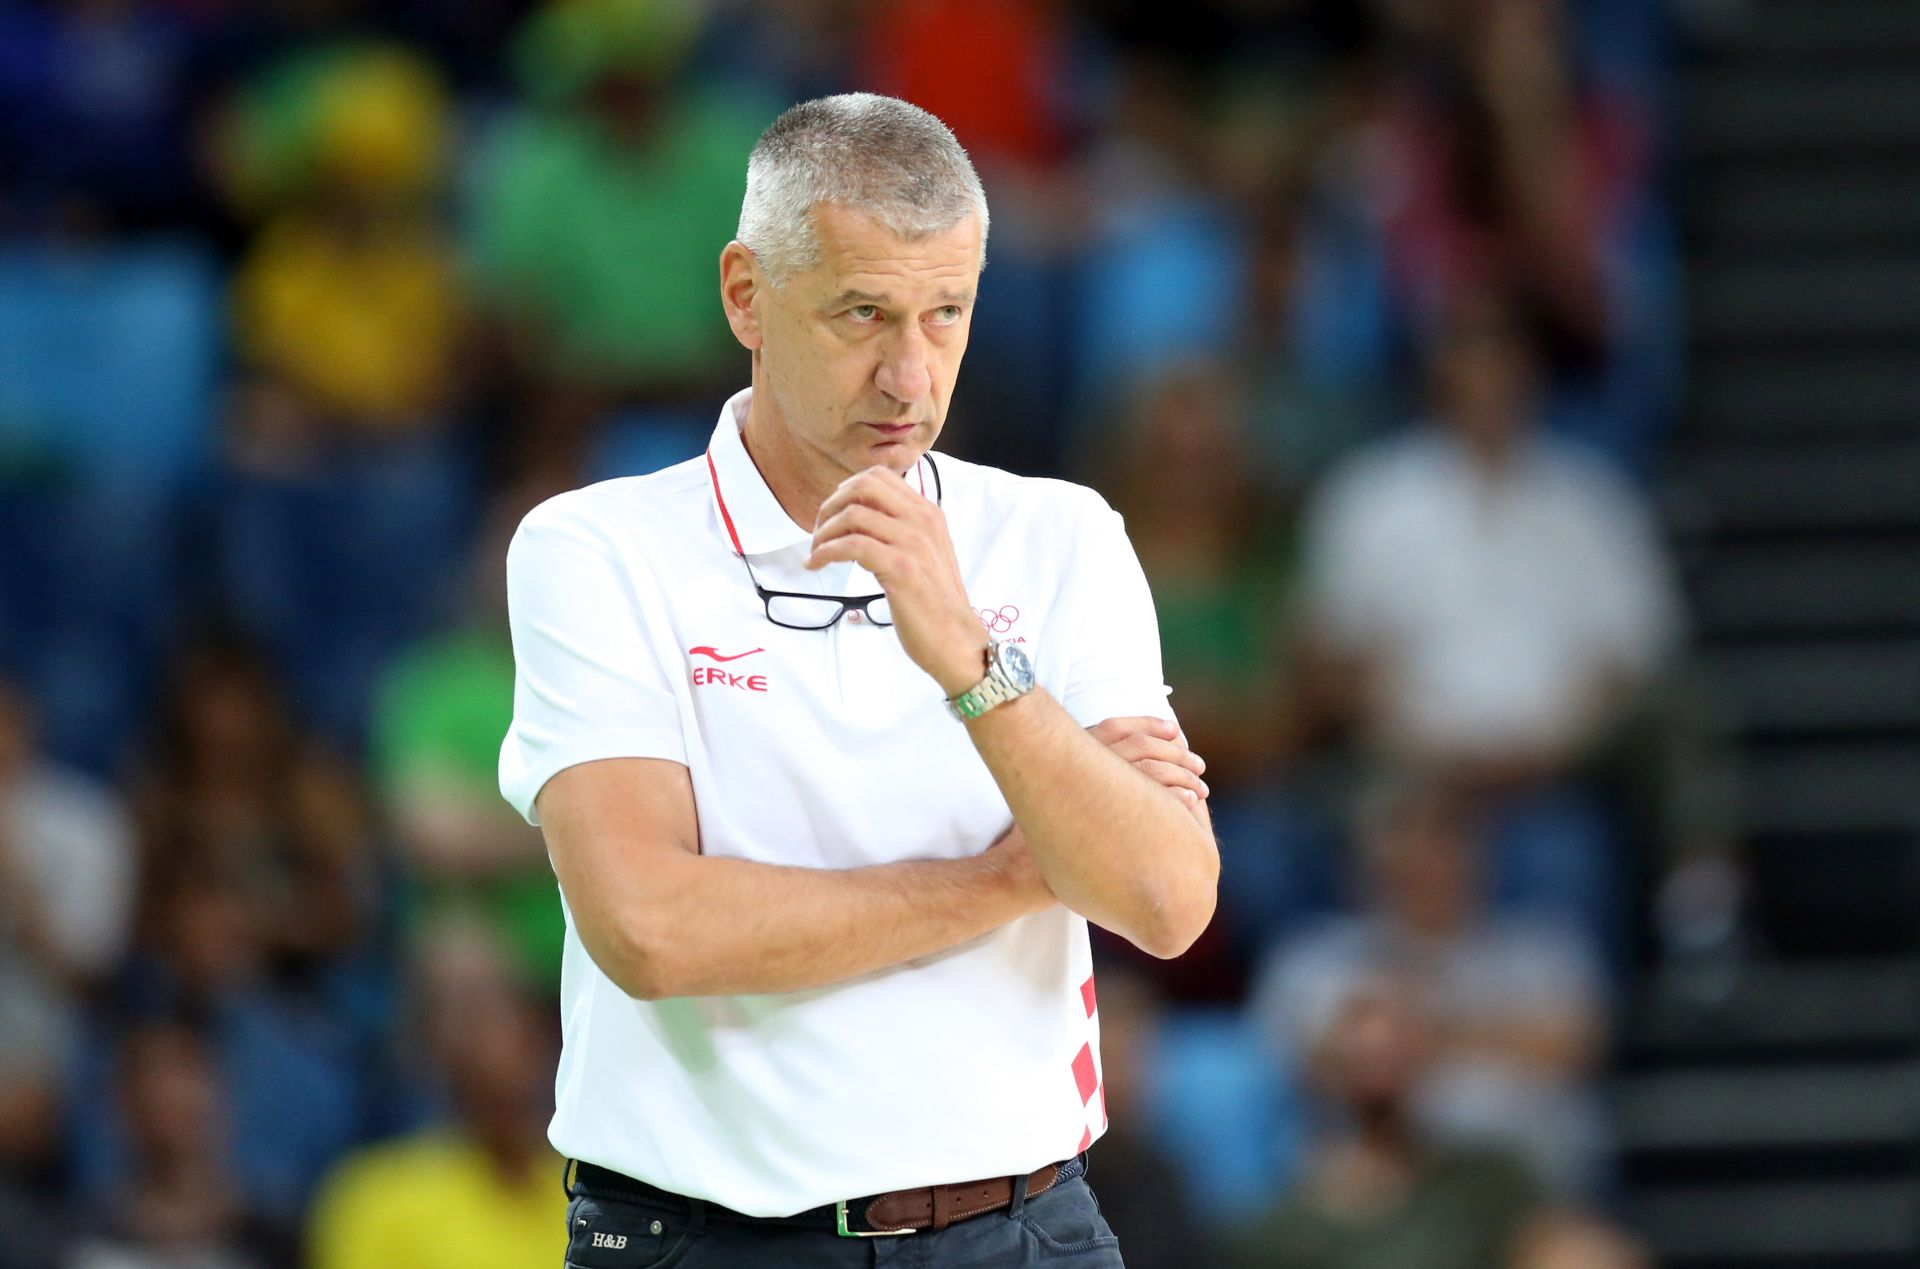 KOŠARKA Petrović objavio popis igrača za EuroBasket